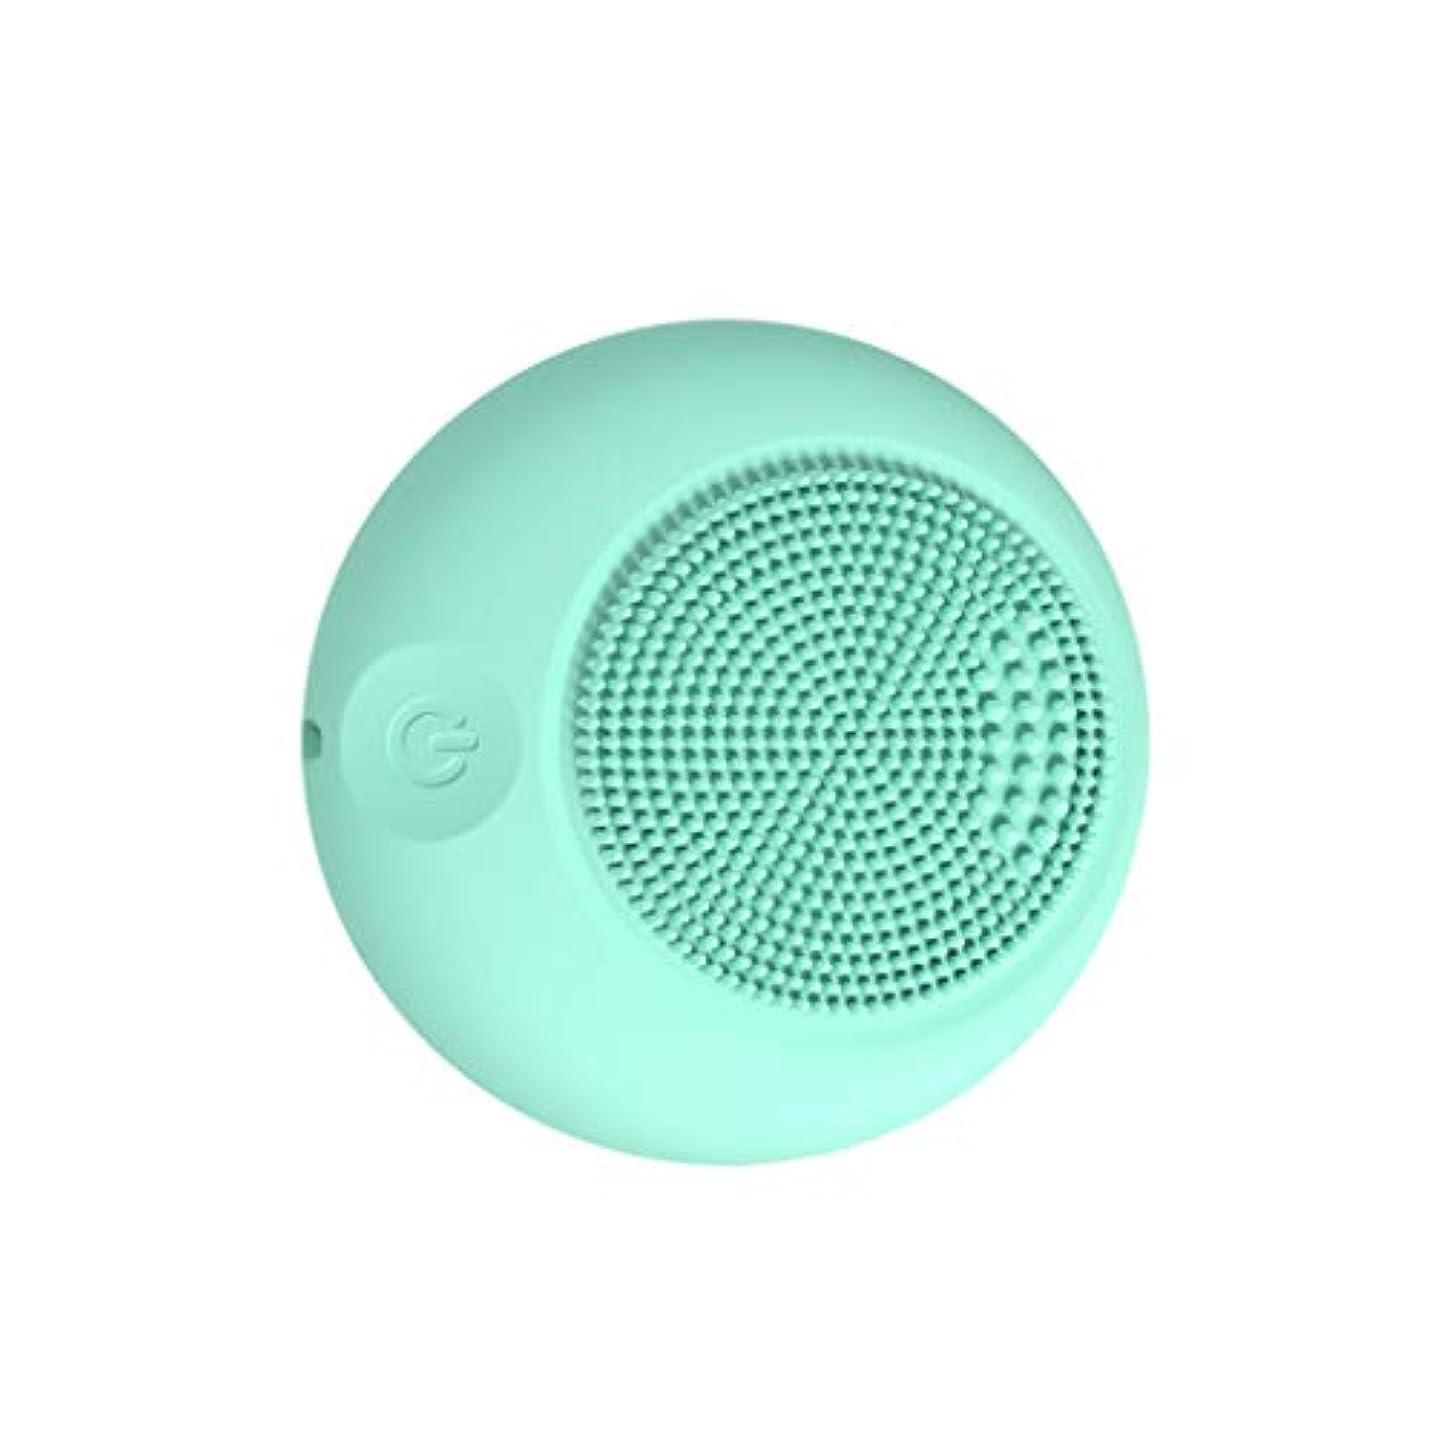 プロポーショナルモバイルシダQi フェイスクレンザーブラシ、デバイスシリコーンパッシブフェイスクリーナーポータブルポアダート除去ブラックヘッドのシンプルなスキンオイルコントロール GQ (色 : Sky blue)